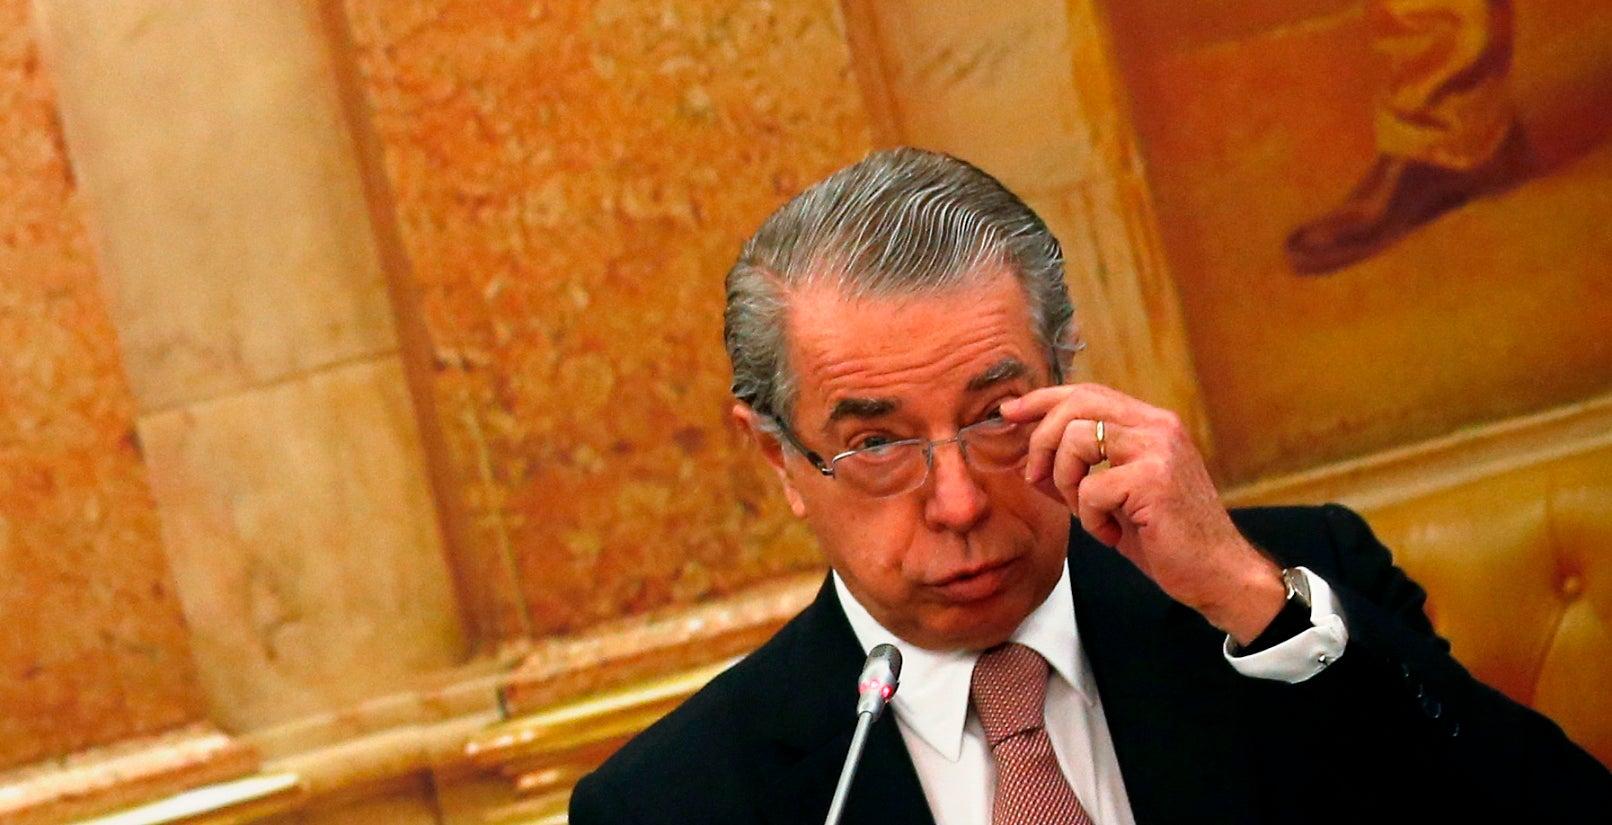 Assumo responsabilidade pelos meus actos, mas não pelos do Banco de Portugal